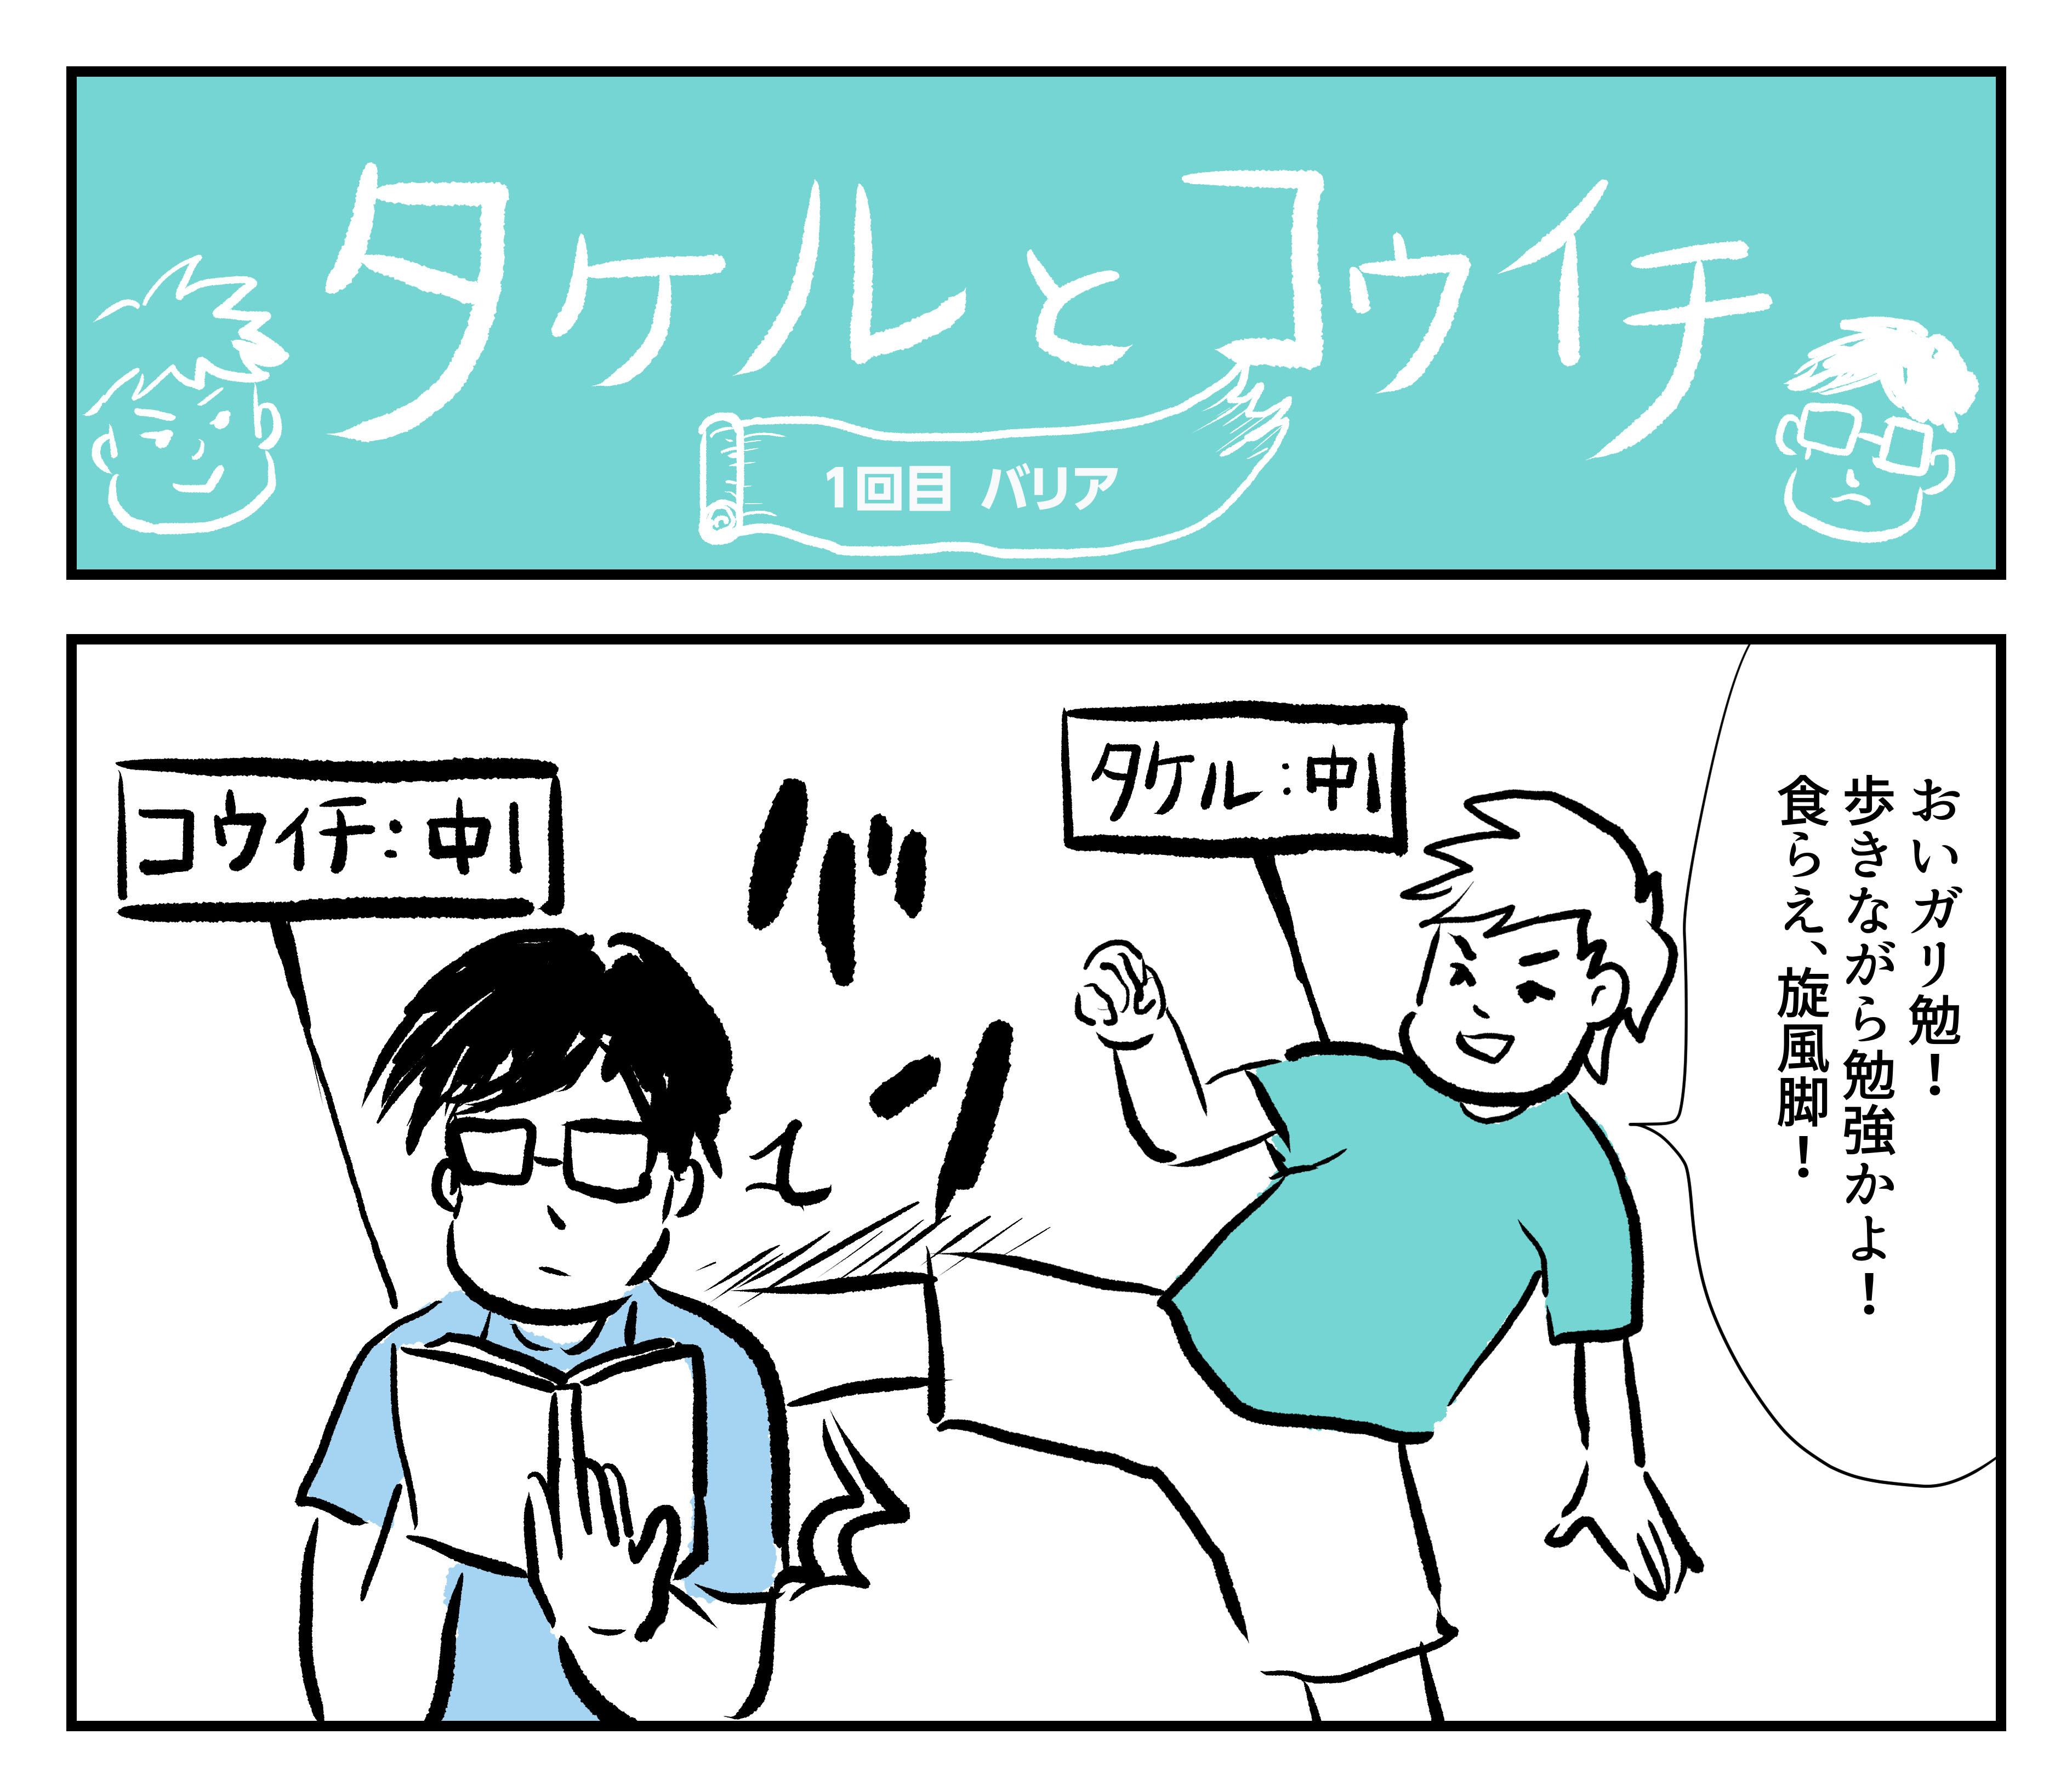 【2コマ】タケルとコウイチ 1回目「バリア」